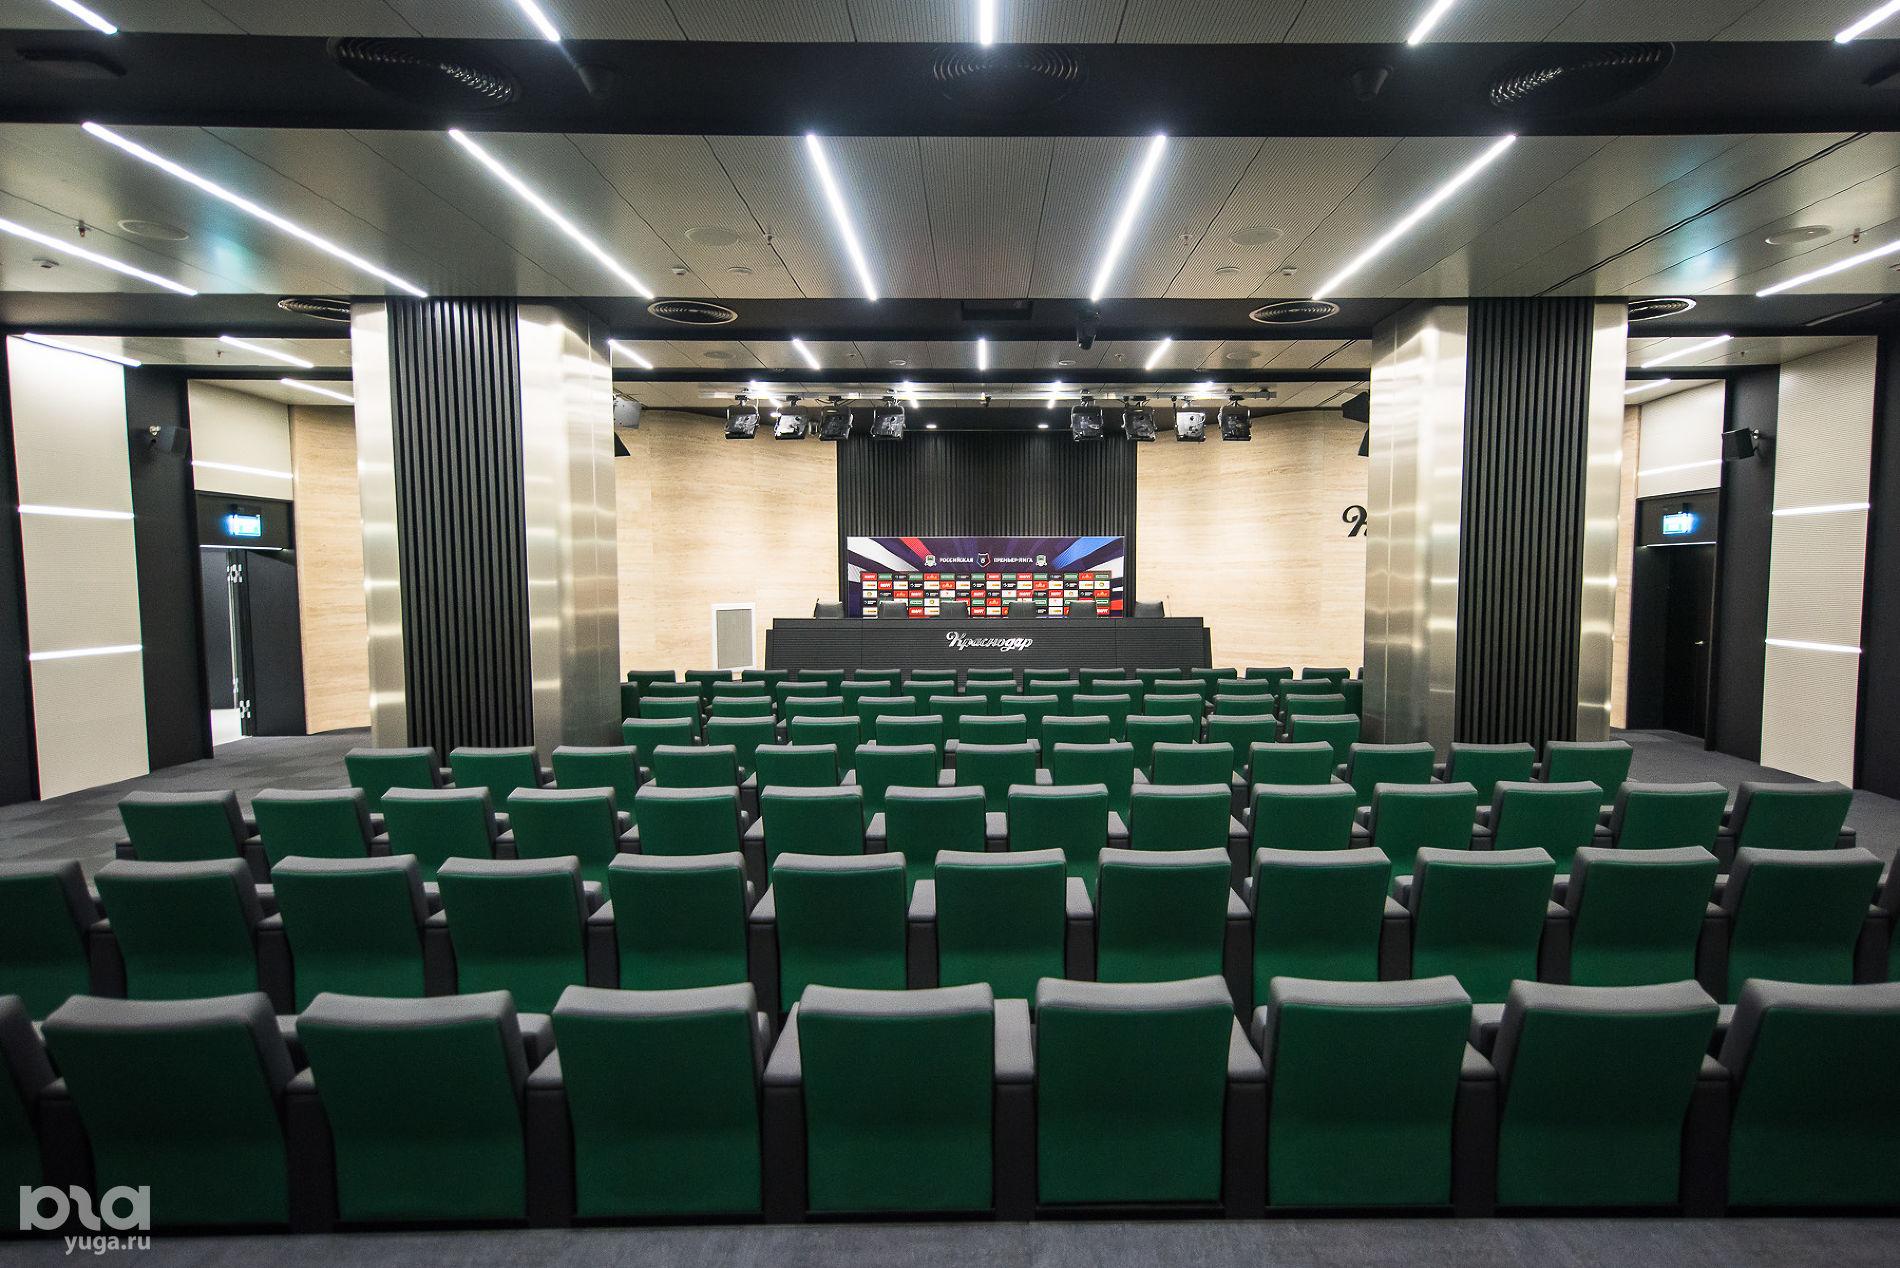 Зал для пресс-конференций ©Фото Елены Синеок, Юга.ру